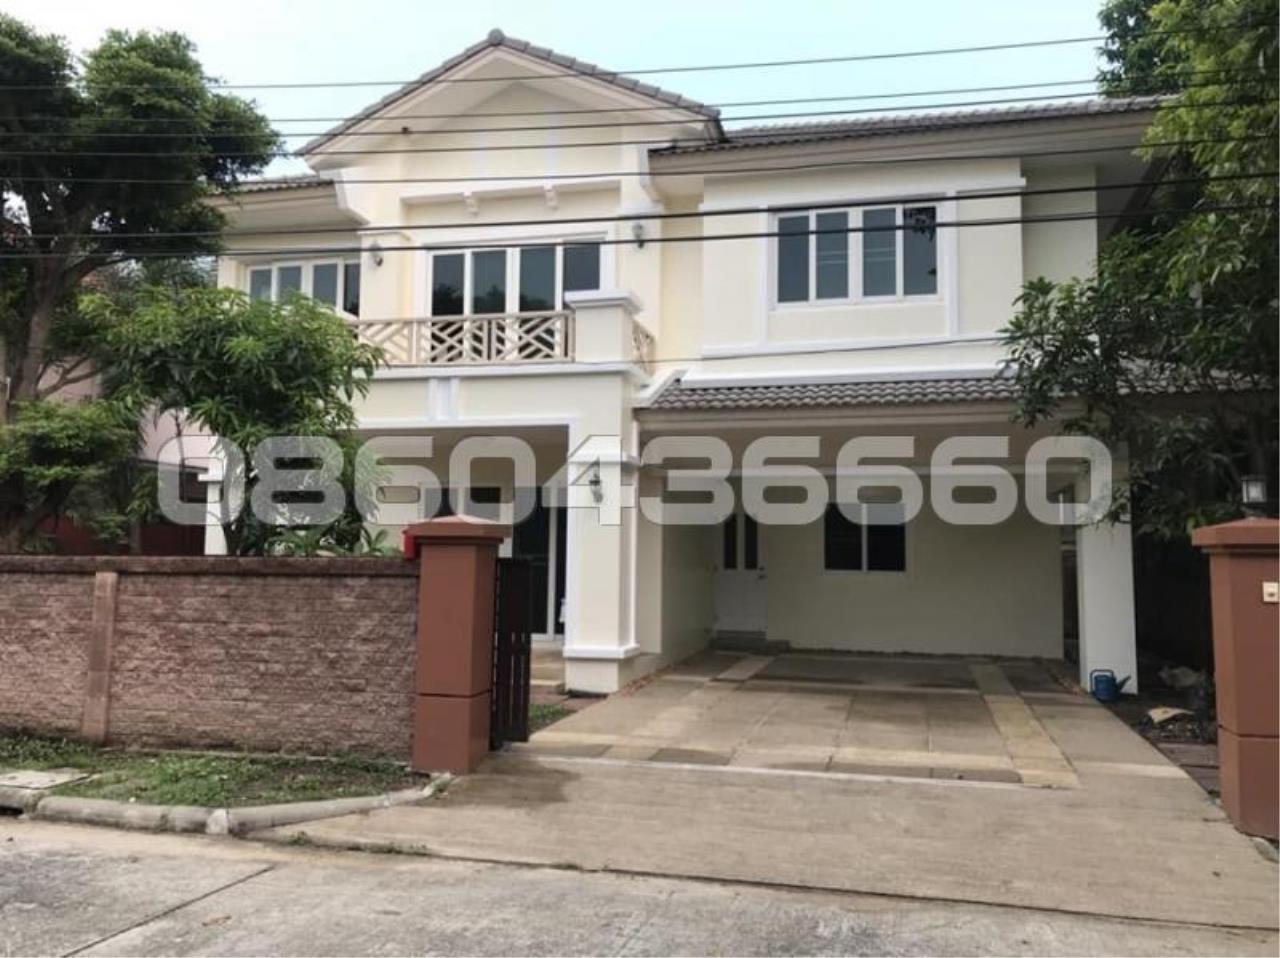 ขาย บ้าน แขวงนวลจันทร์ เขตบึงกุ่ม กรุงเทพมหานคร, ภาพที่ 1